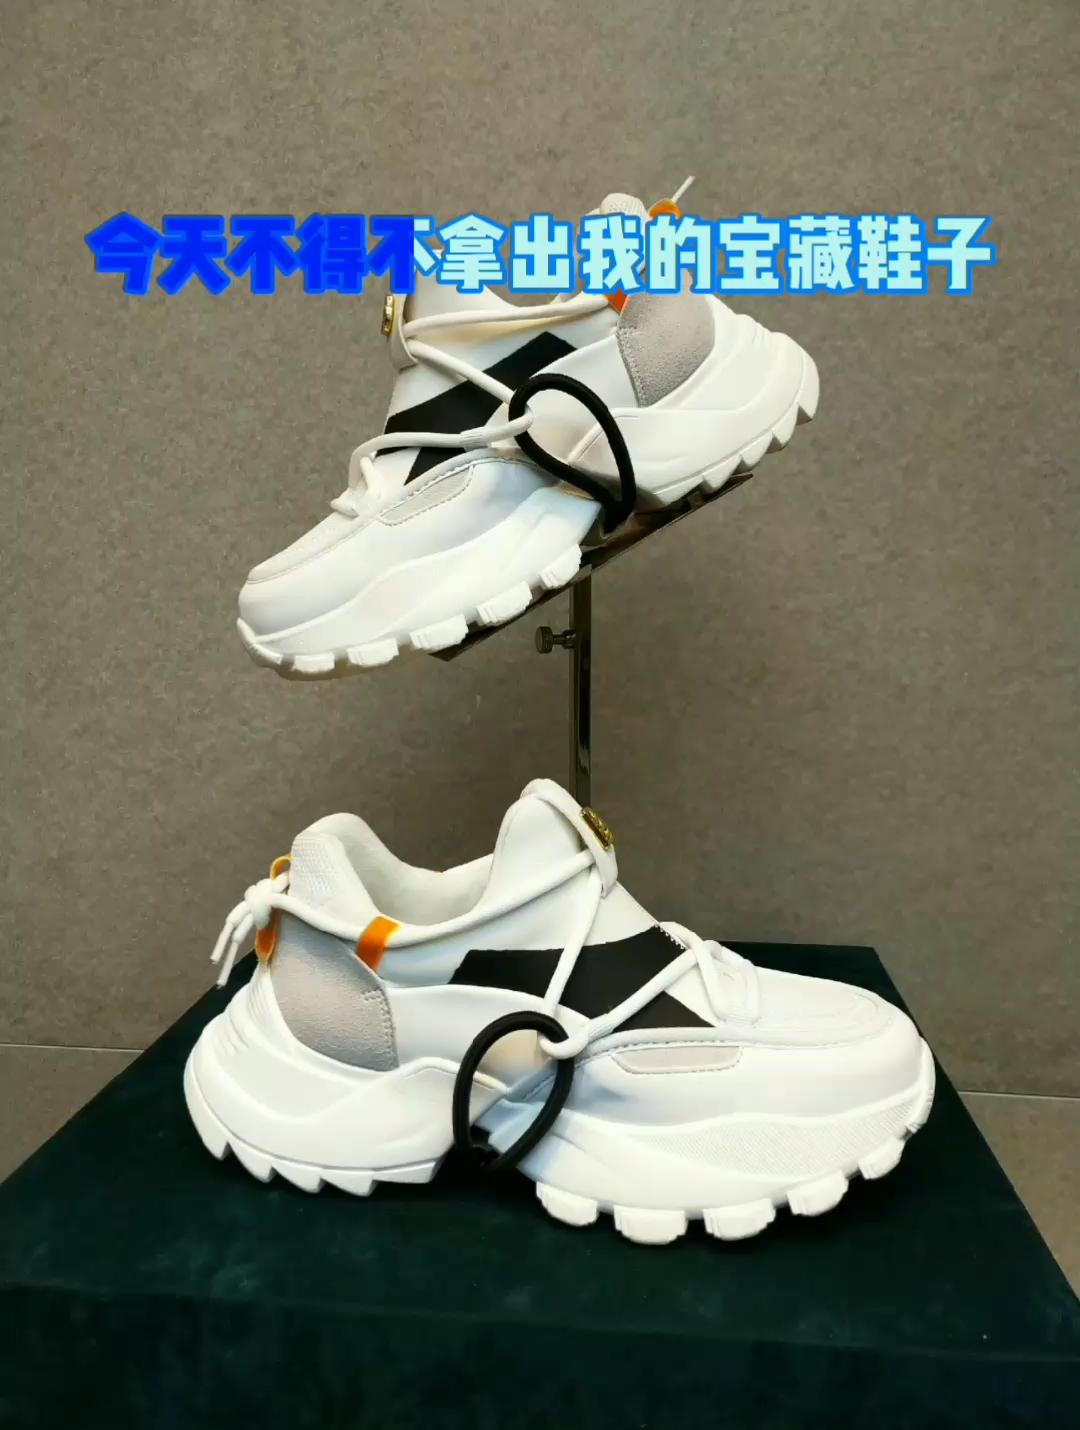 #全民搭配挑战赛#春季百搭利器,这双鞋子一定不能少!